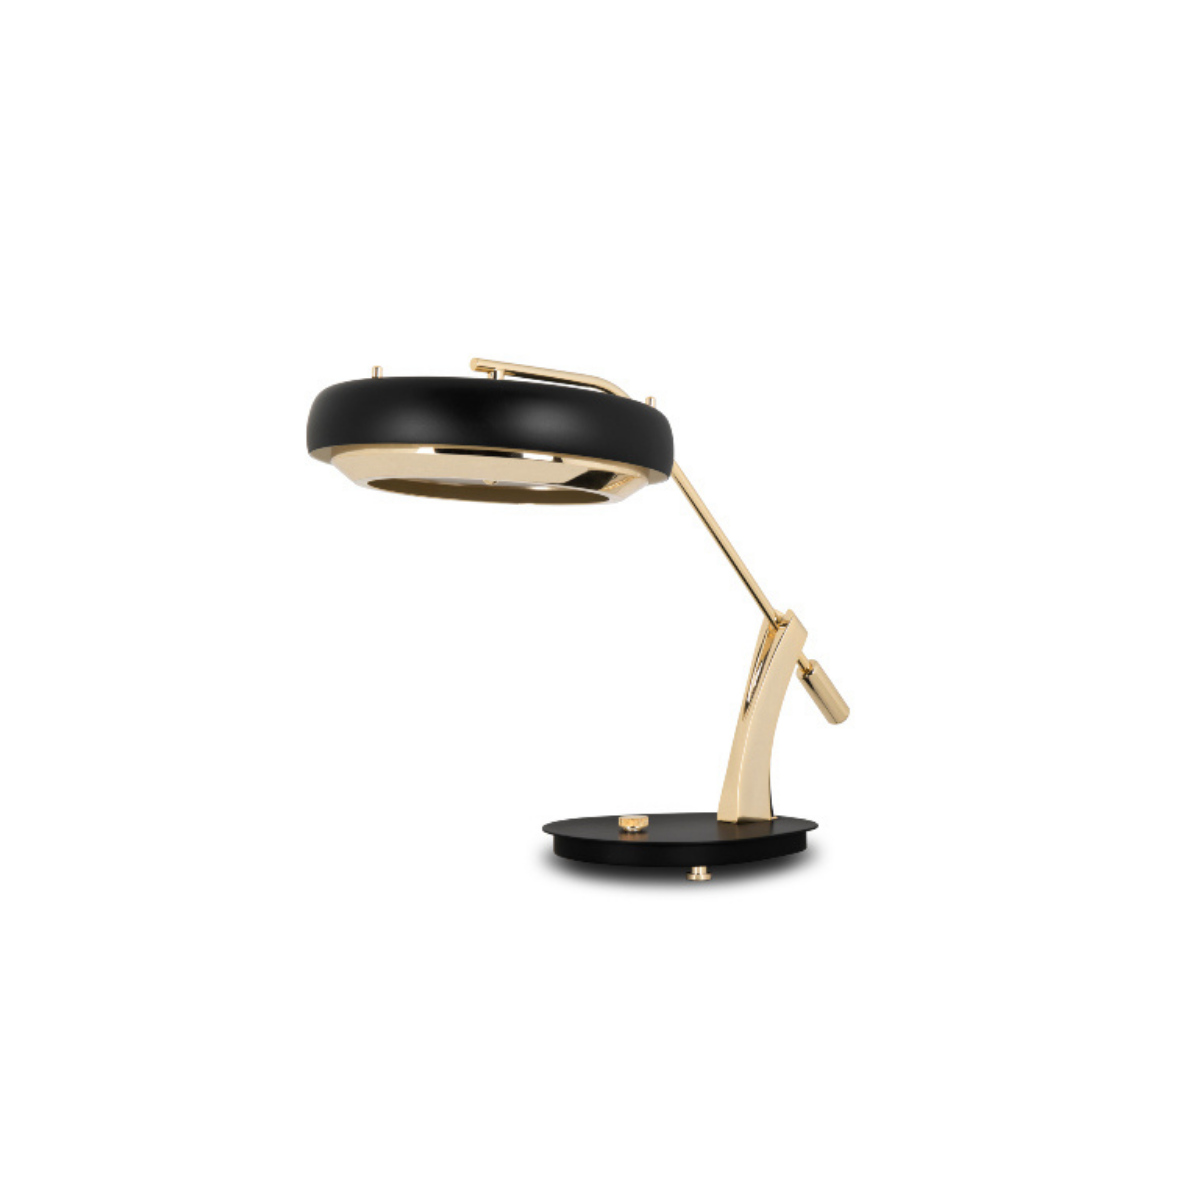 Carter Desk Table Lamp by Delightfull Covet Lighting